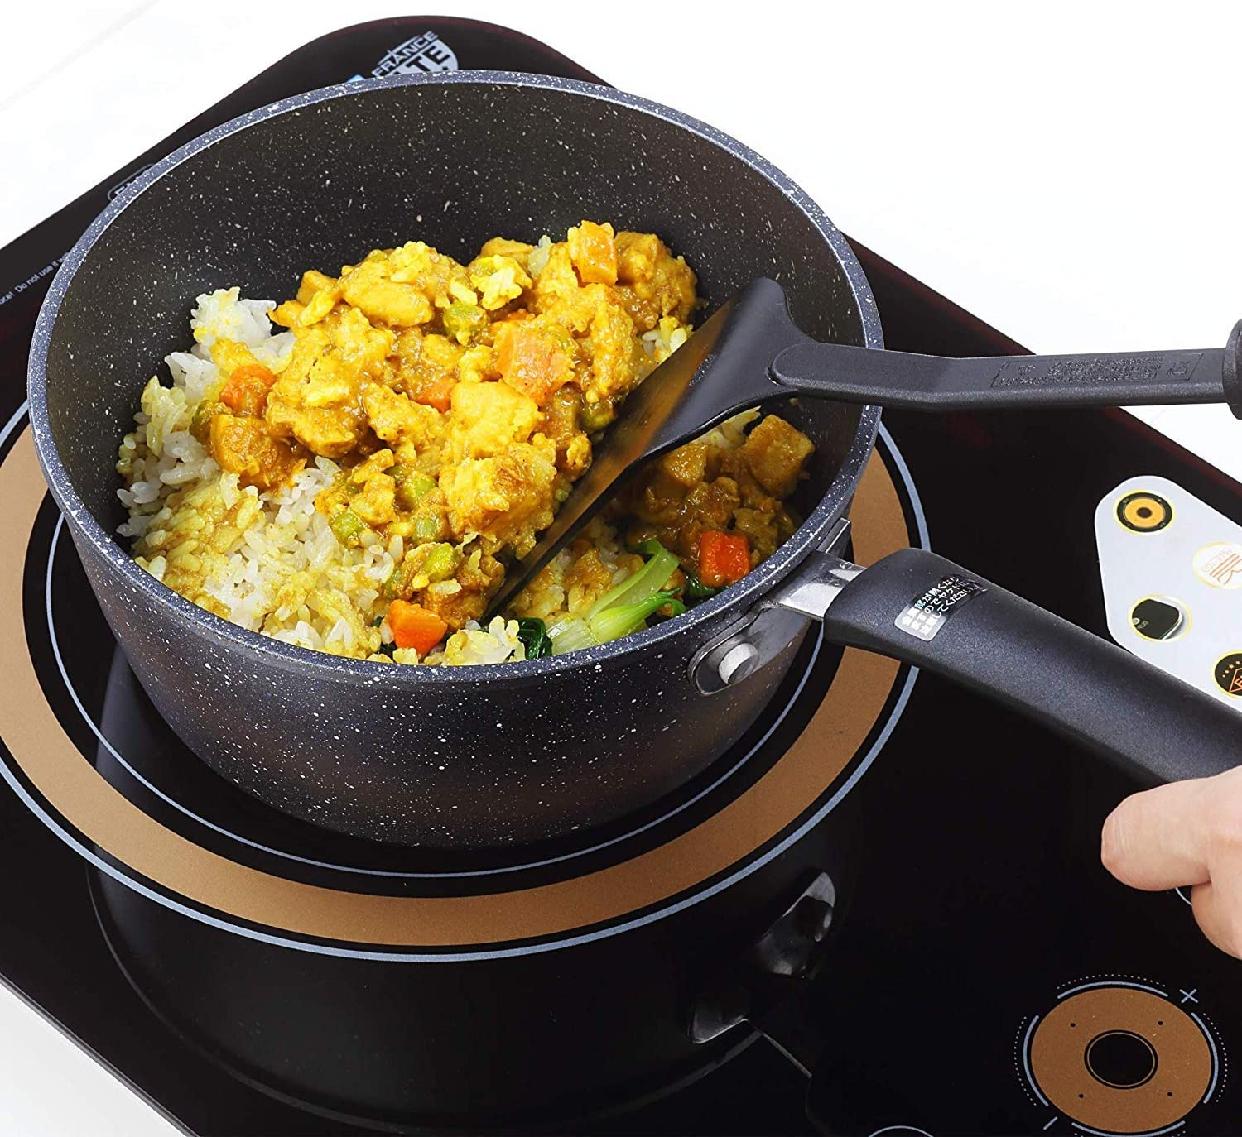 COOKSMARK(クックスマーク)片手鍋 18cm ブラック H-4236の商品画像5